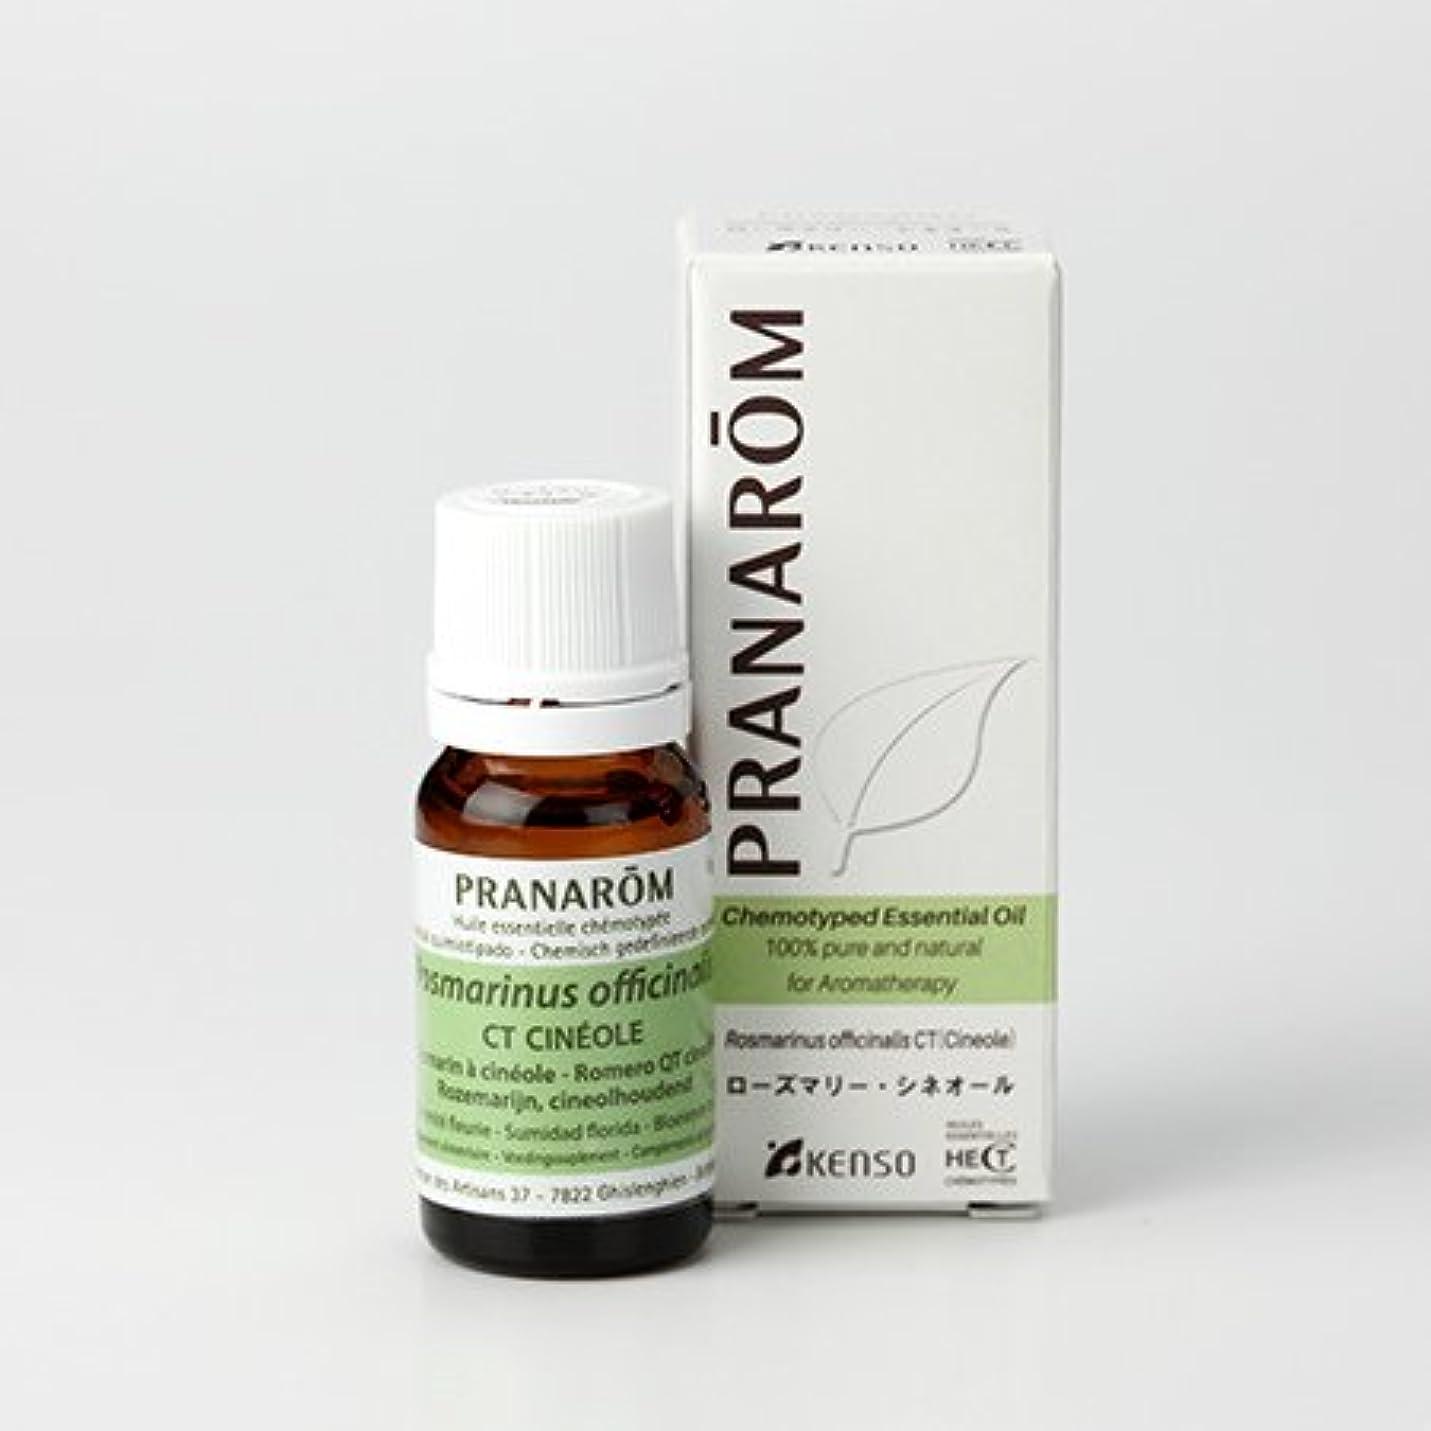 周り飲料北東プラナロム ローズマリーシネオール 10ml (PRANAROM ケモタイプ精油)